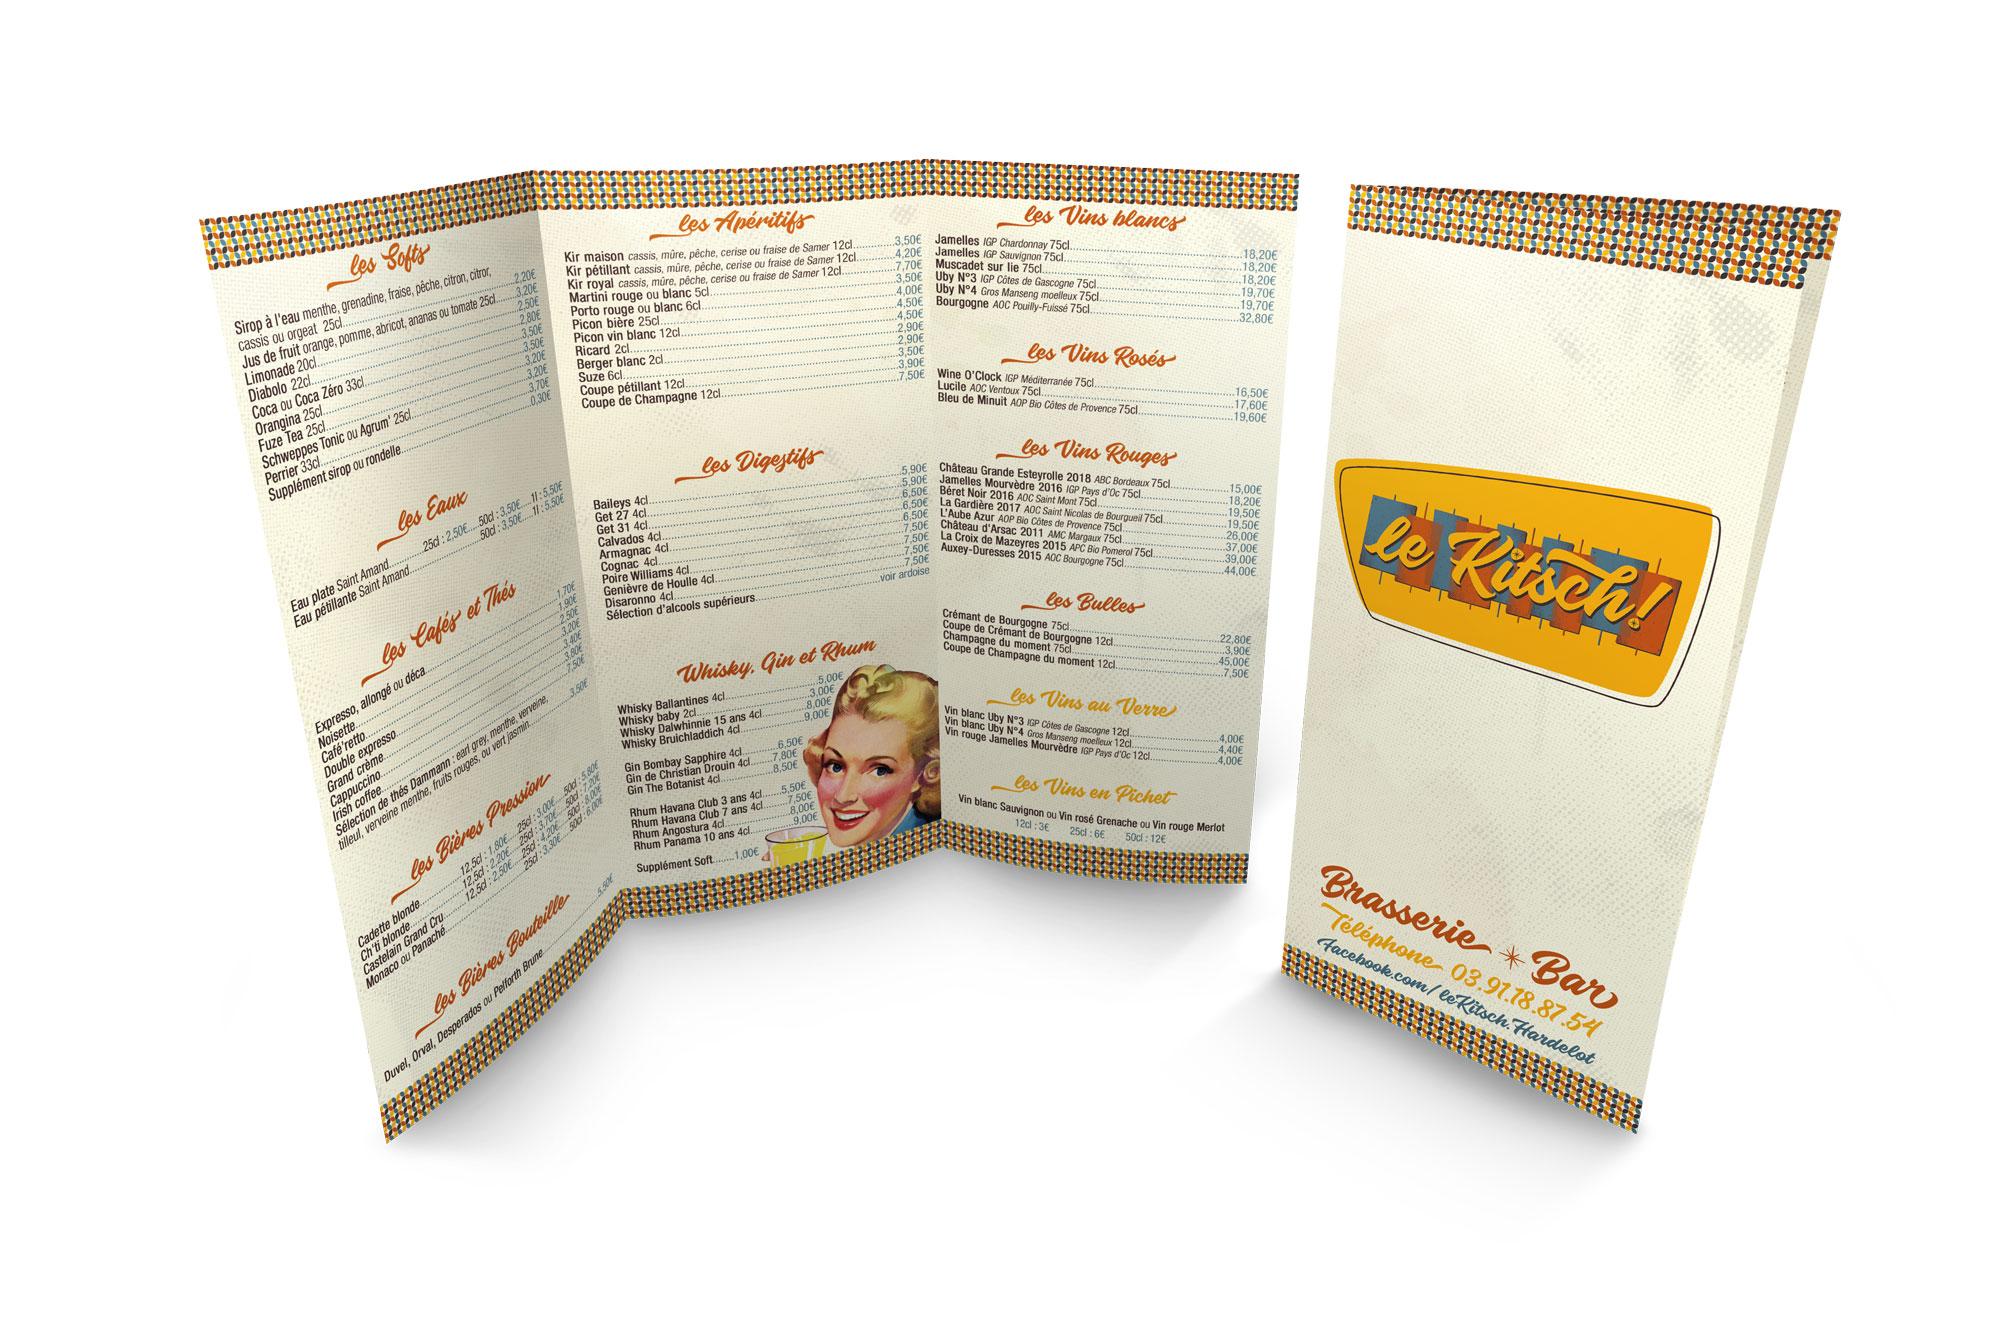 Cartes des boissons - Brasserie - Le Kitsch ! - Hardelot